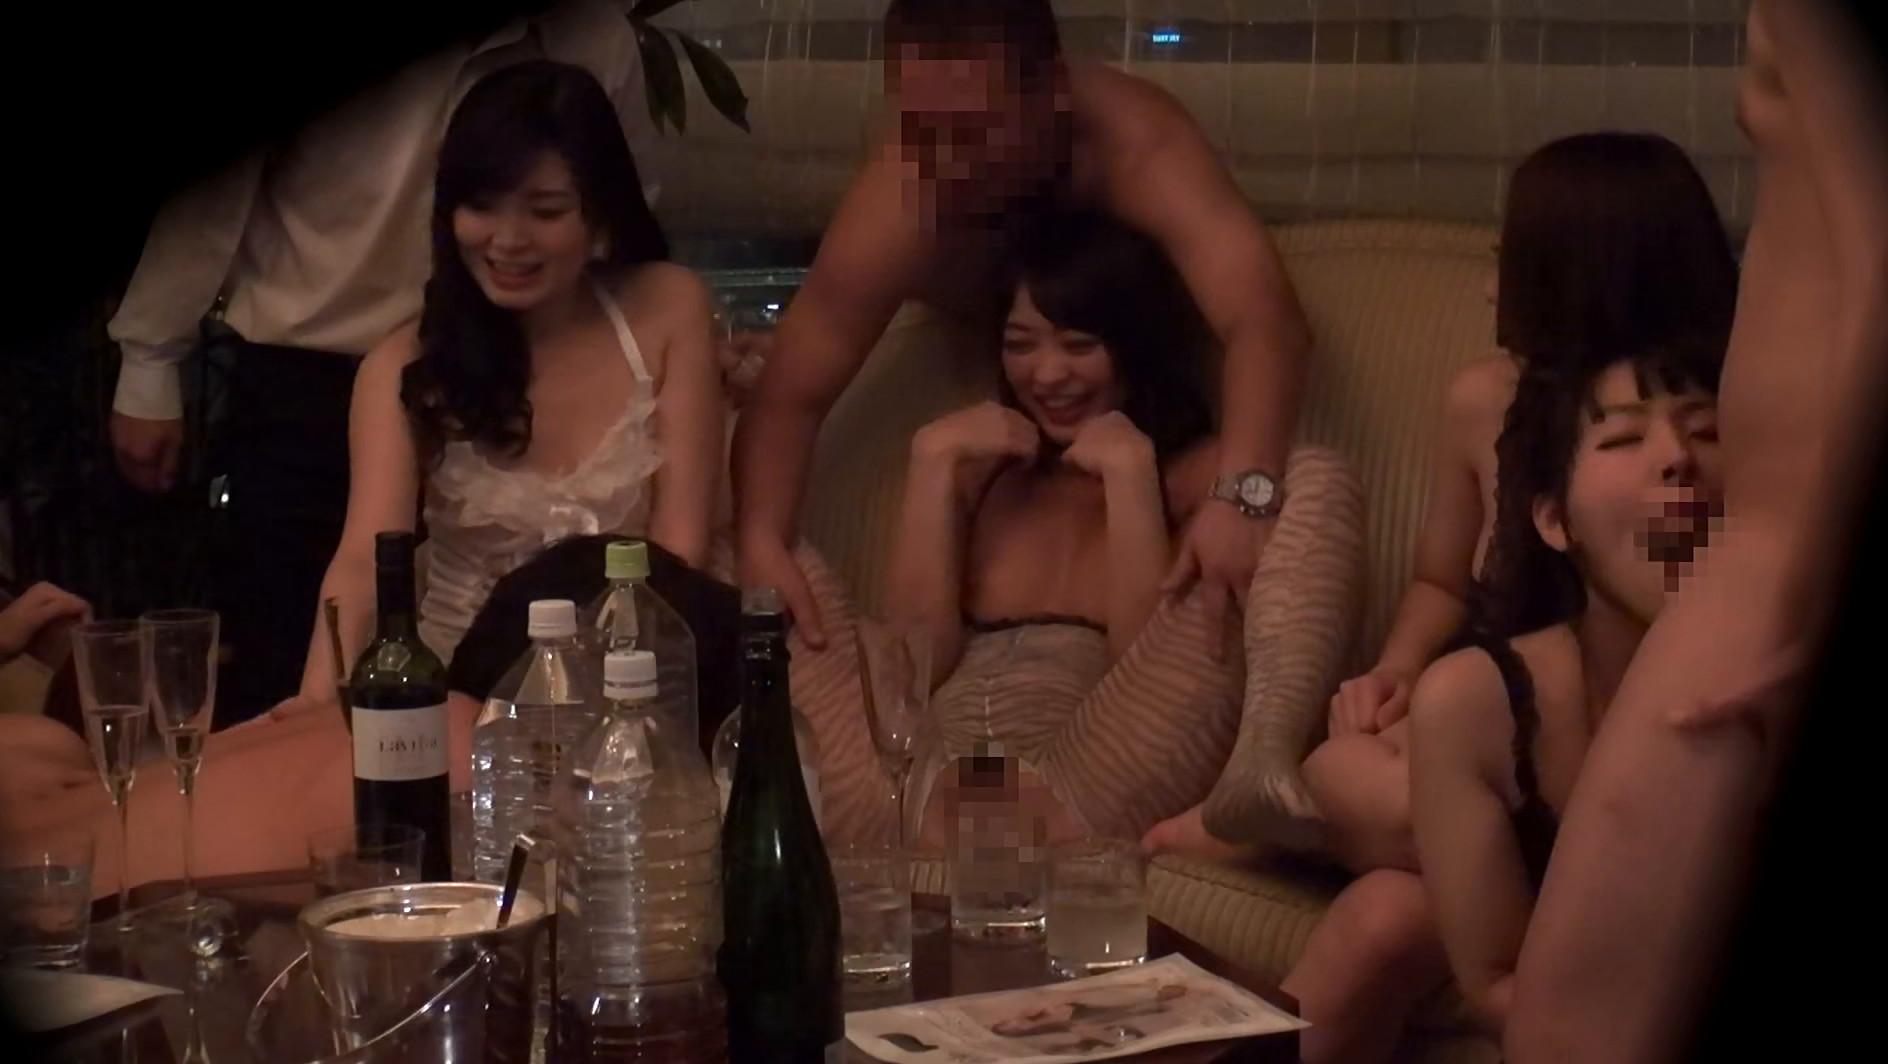 東京ベイエリア限定!淫乱セレブのSEXサークル 乱交パーティ!編